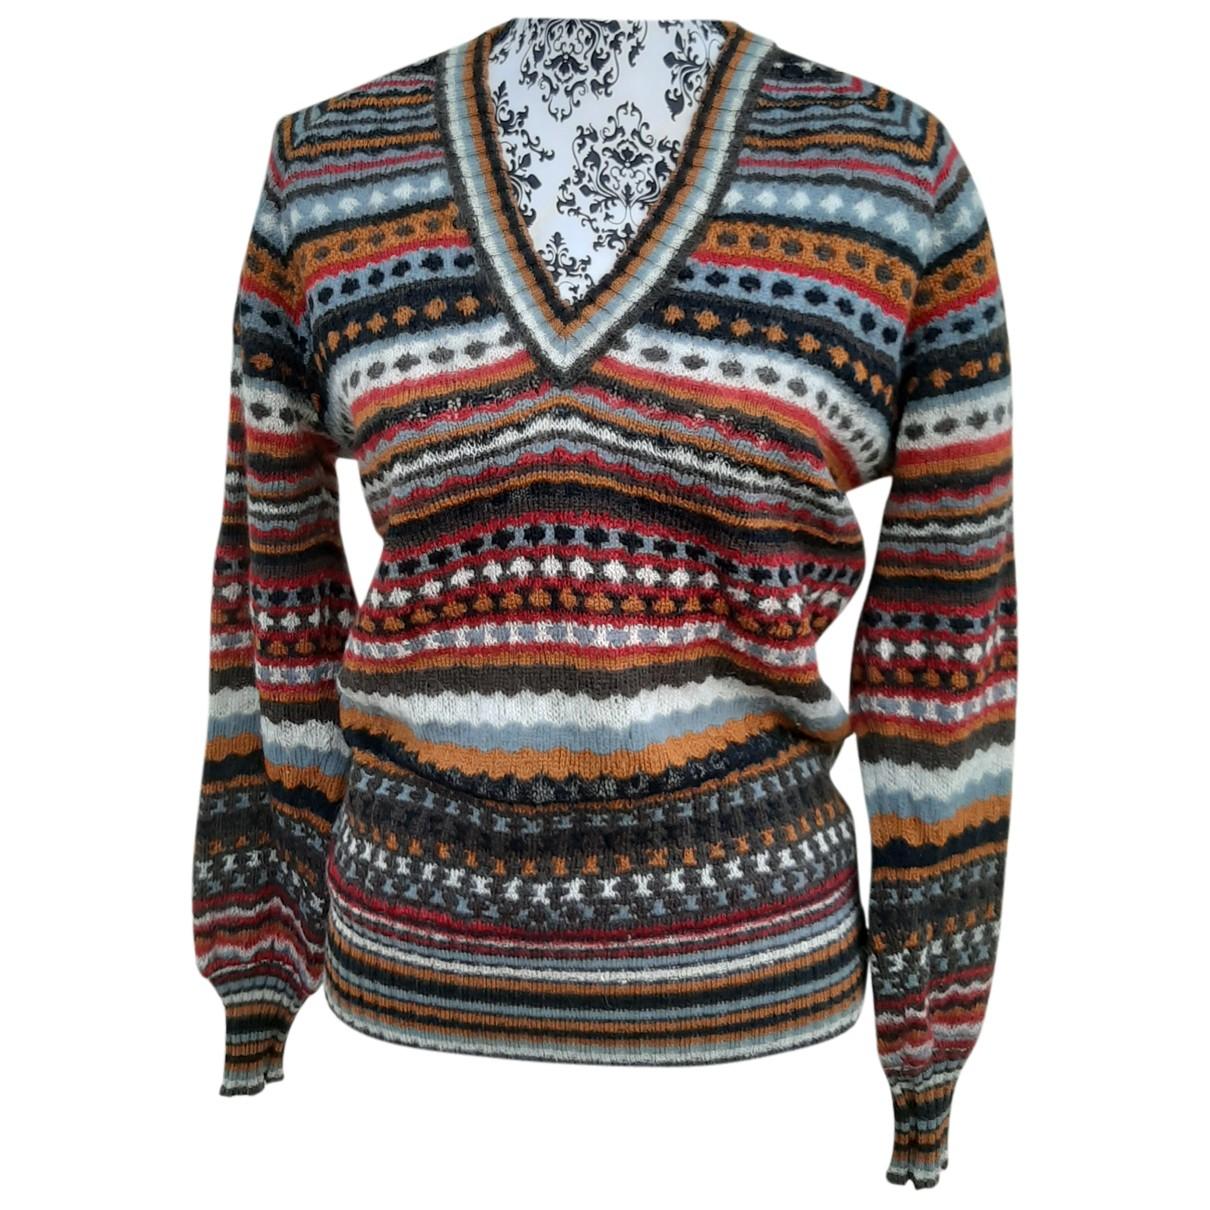 Missoni N Multicolour Wool Knitwear for Women S International